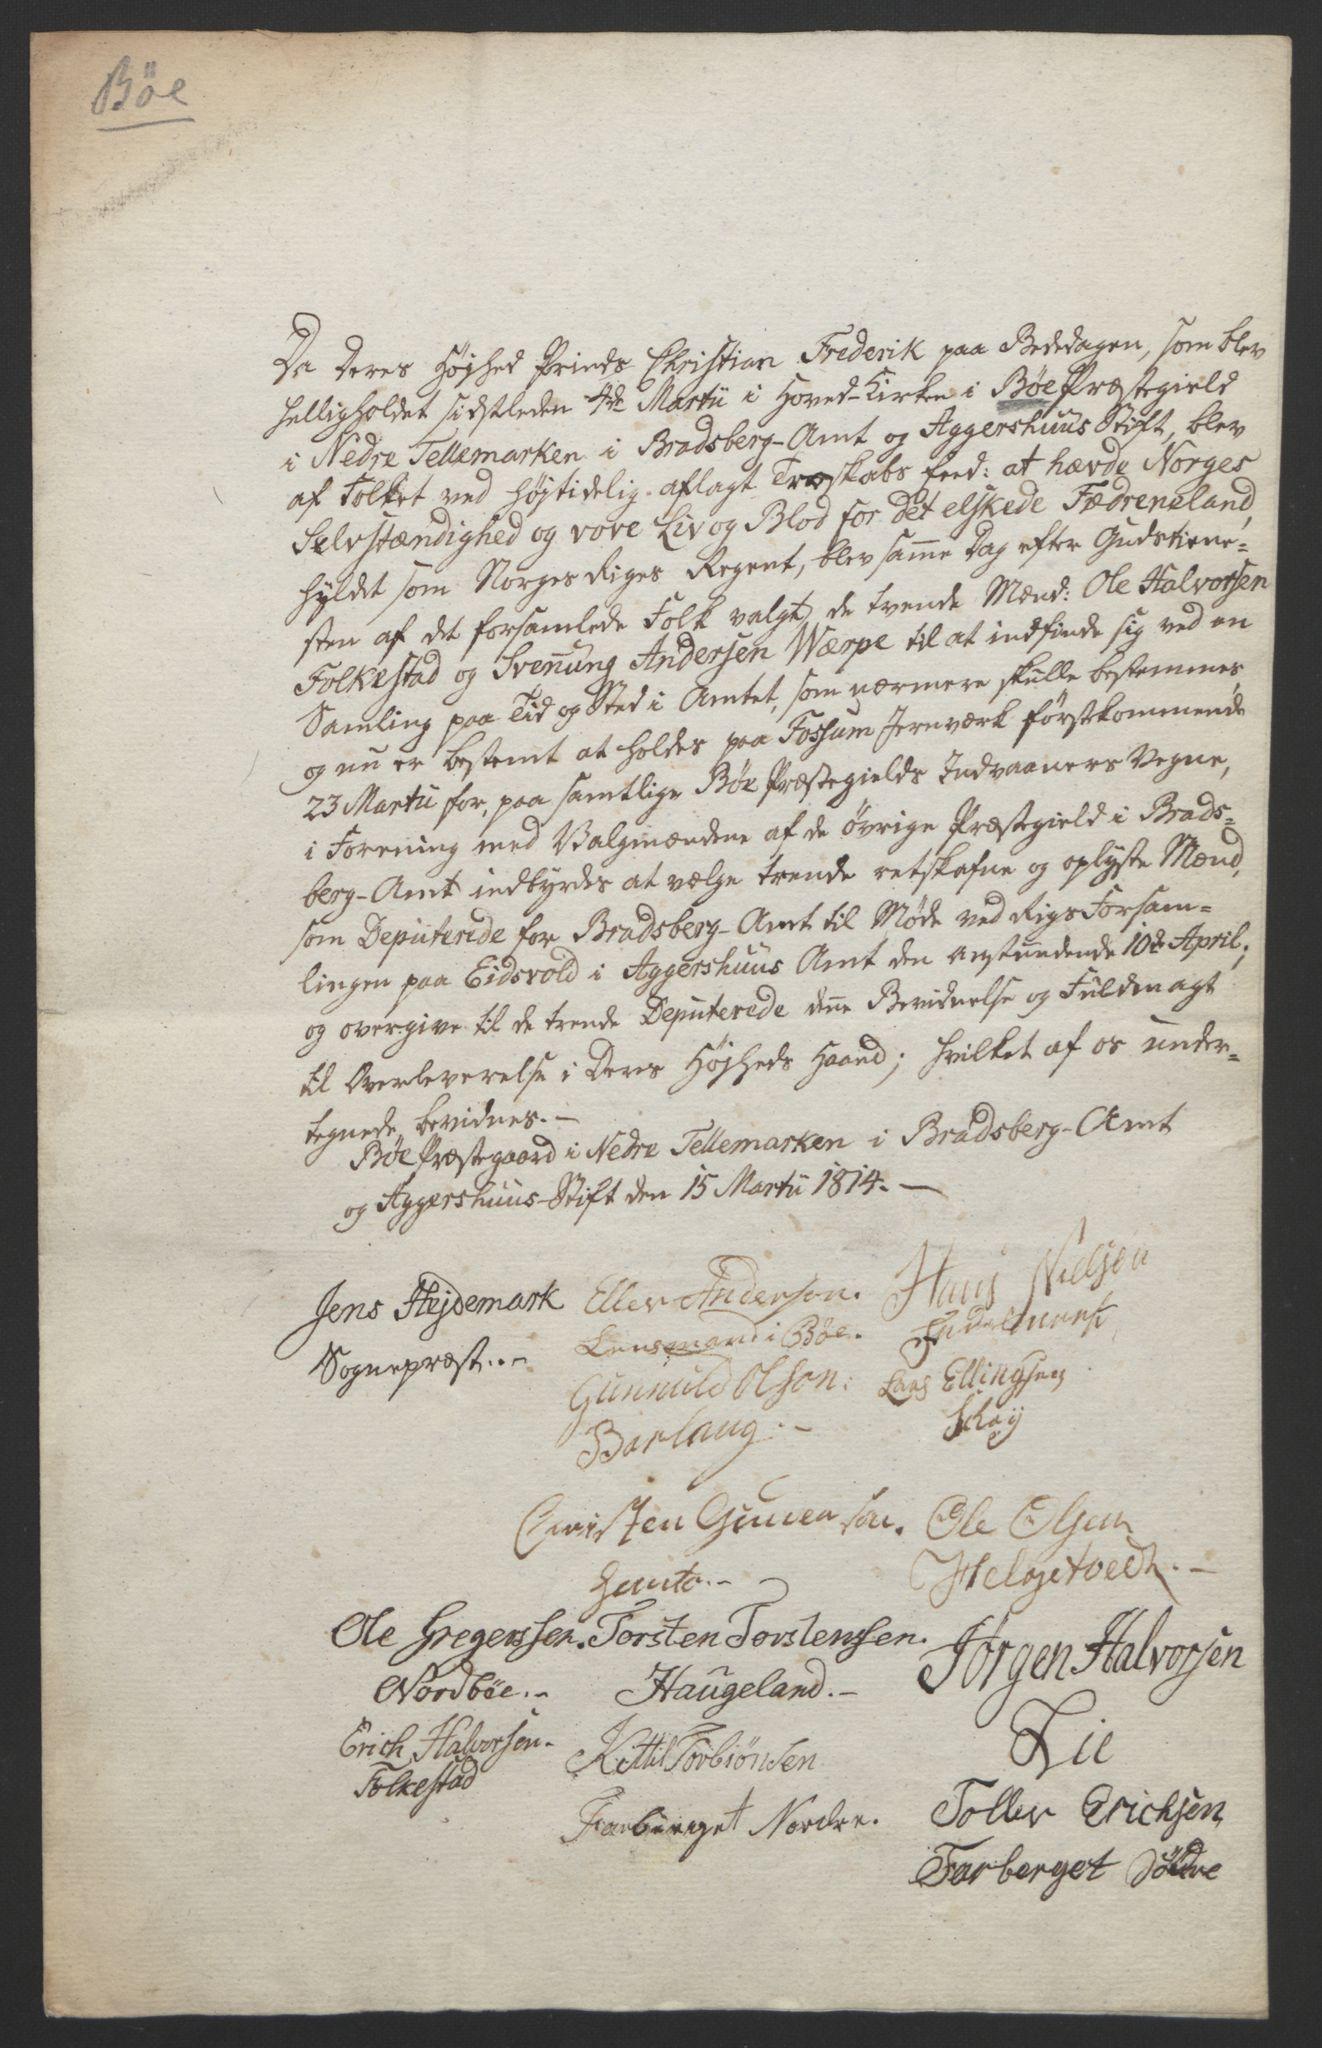 RA, Statsrådssekretariatet, D/Db/L0008: Fullmakter for Eidsvollsrepresentantene i 1814. , 1814, s. 41